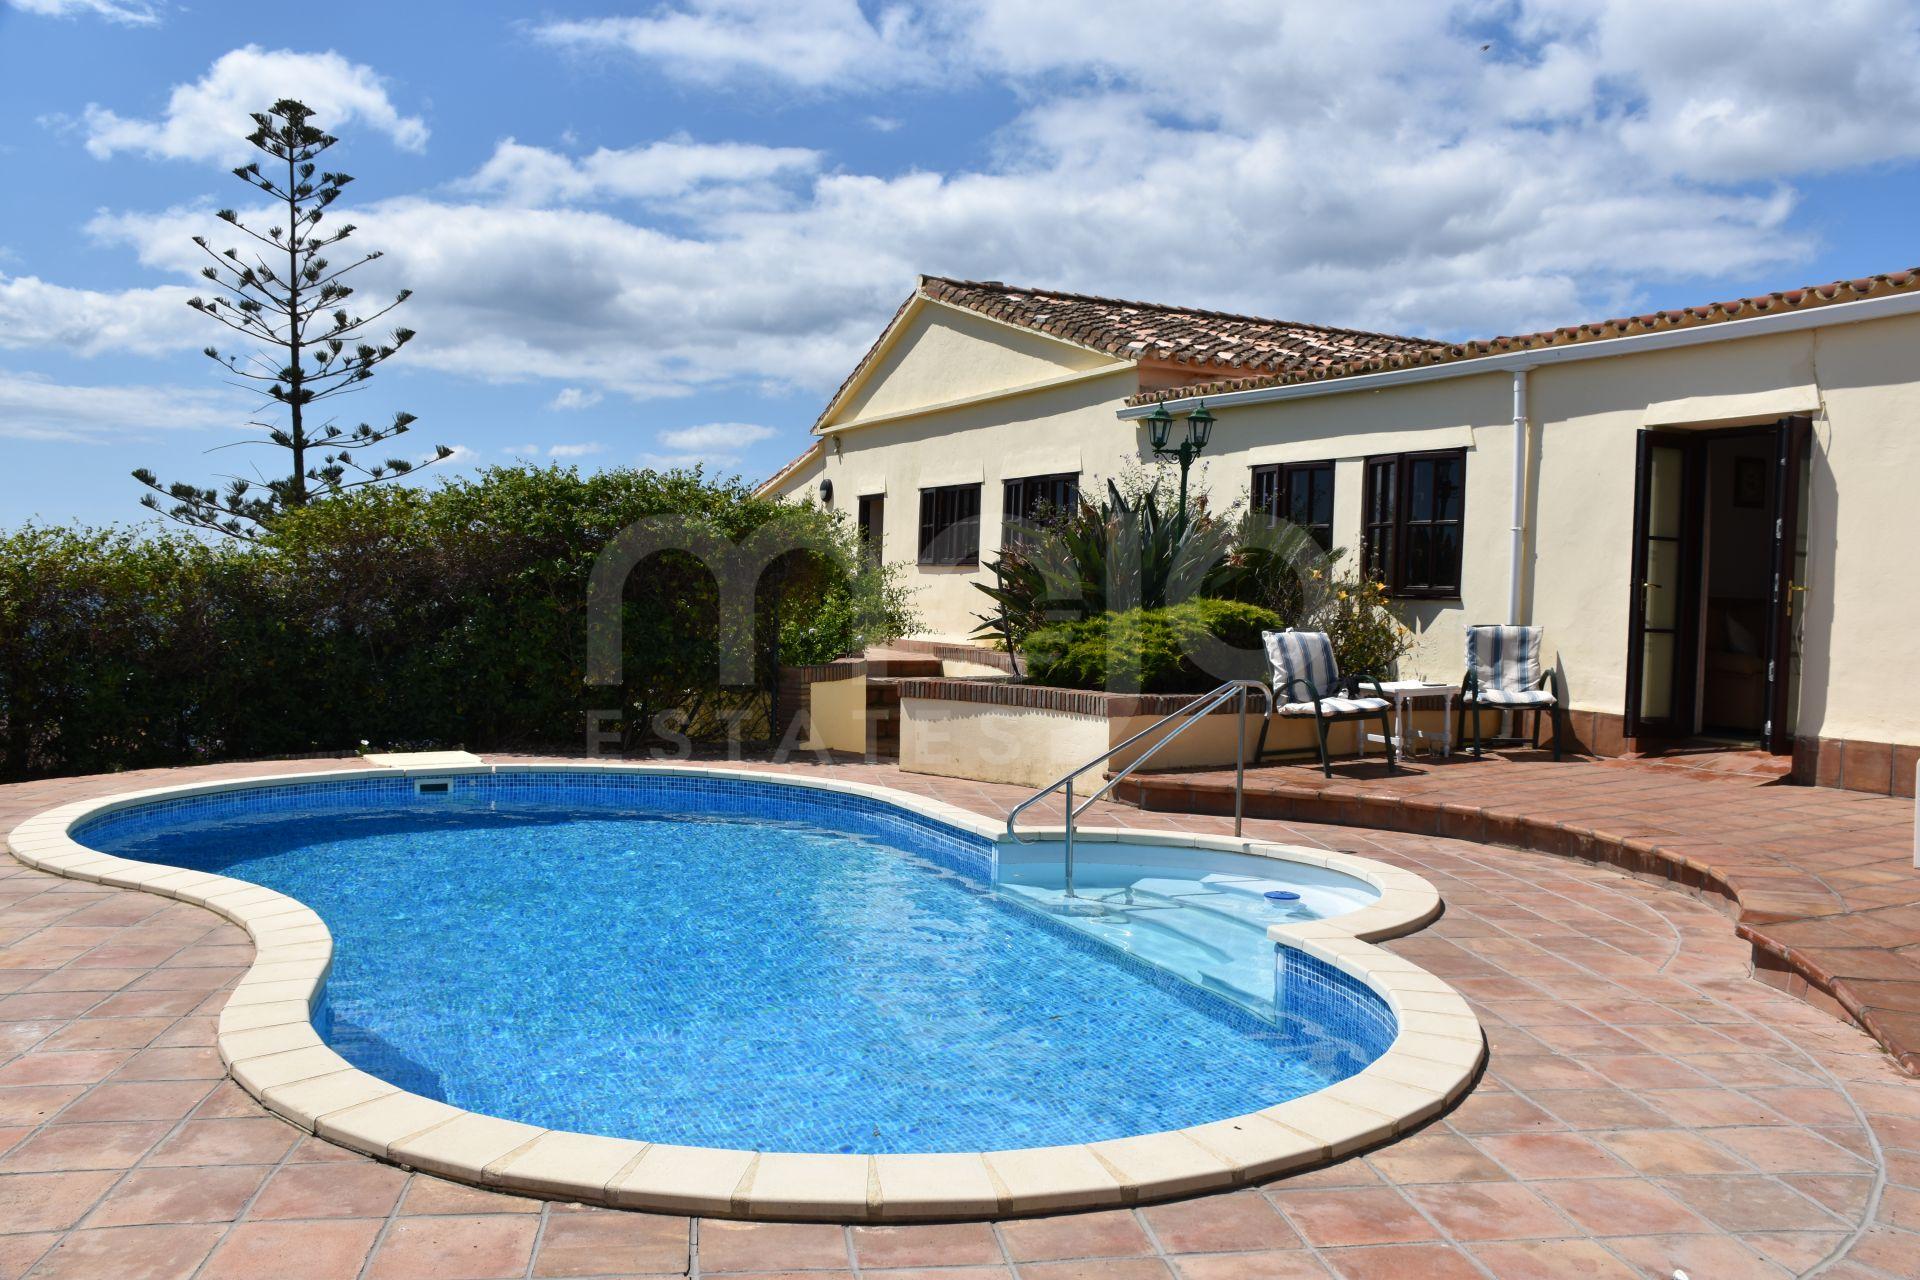 Villa till salu i Torreguadiaro, Sotogrande